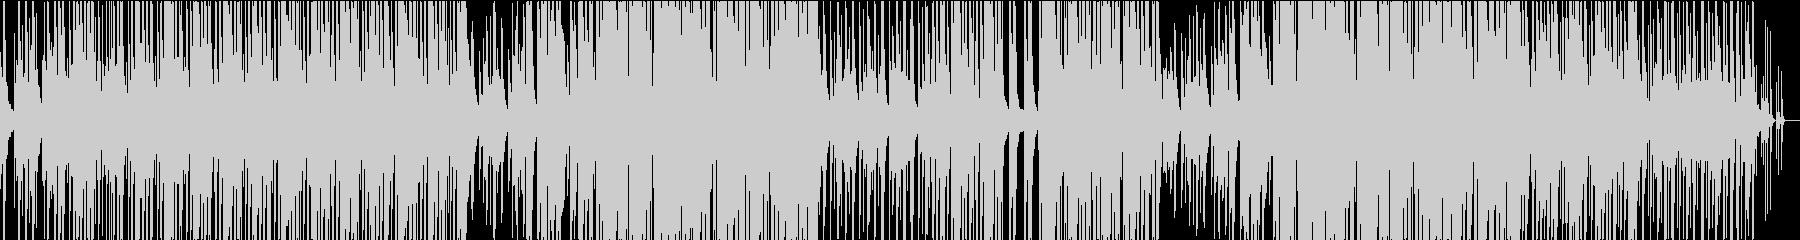 熱帯 世界観 レゲエの未再生の波形